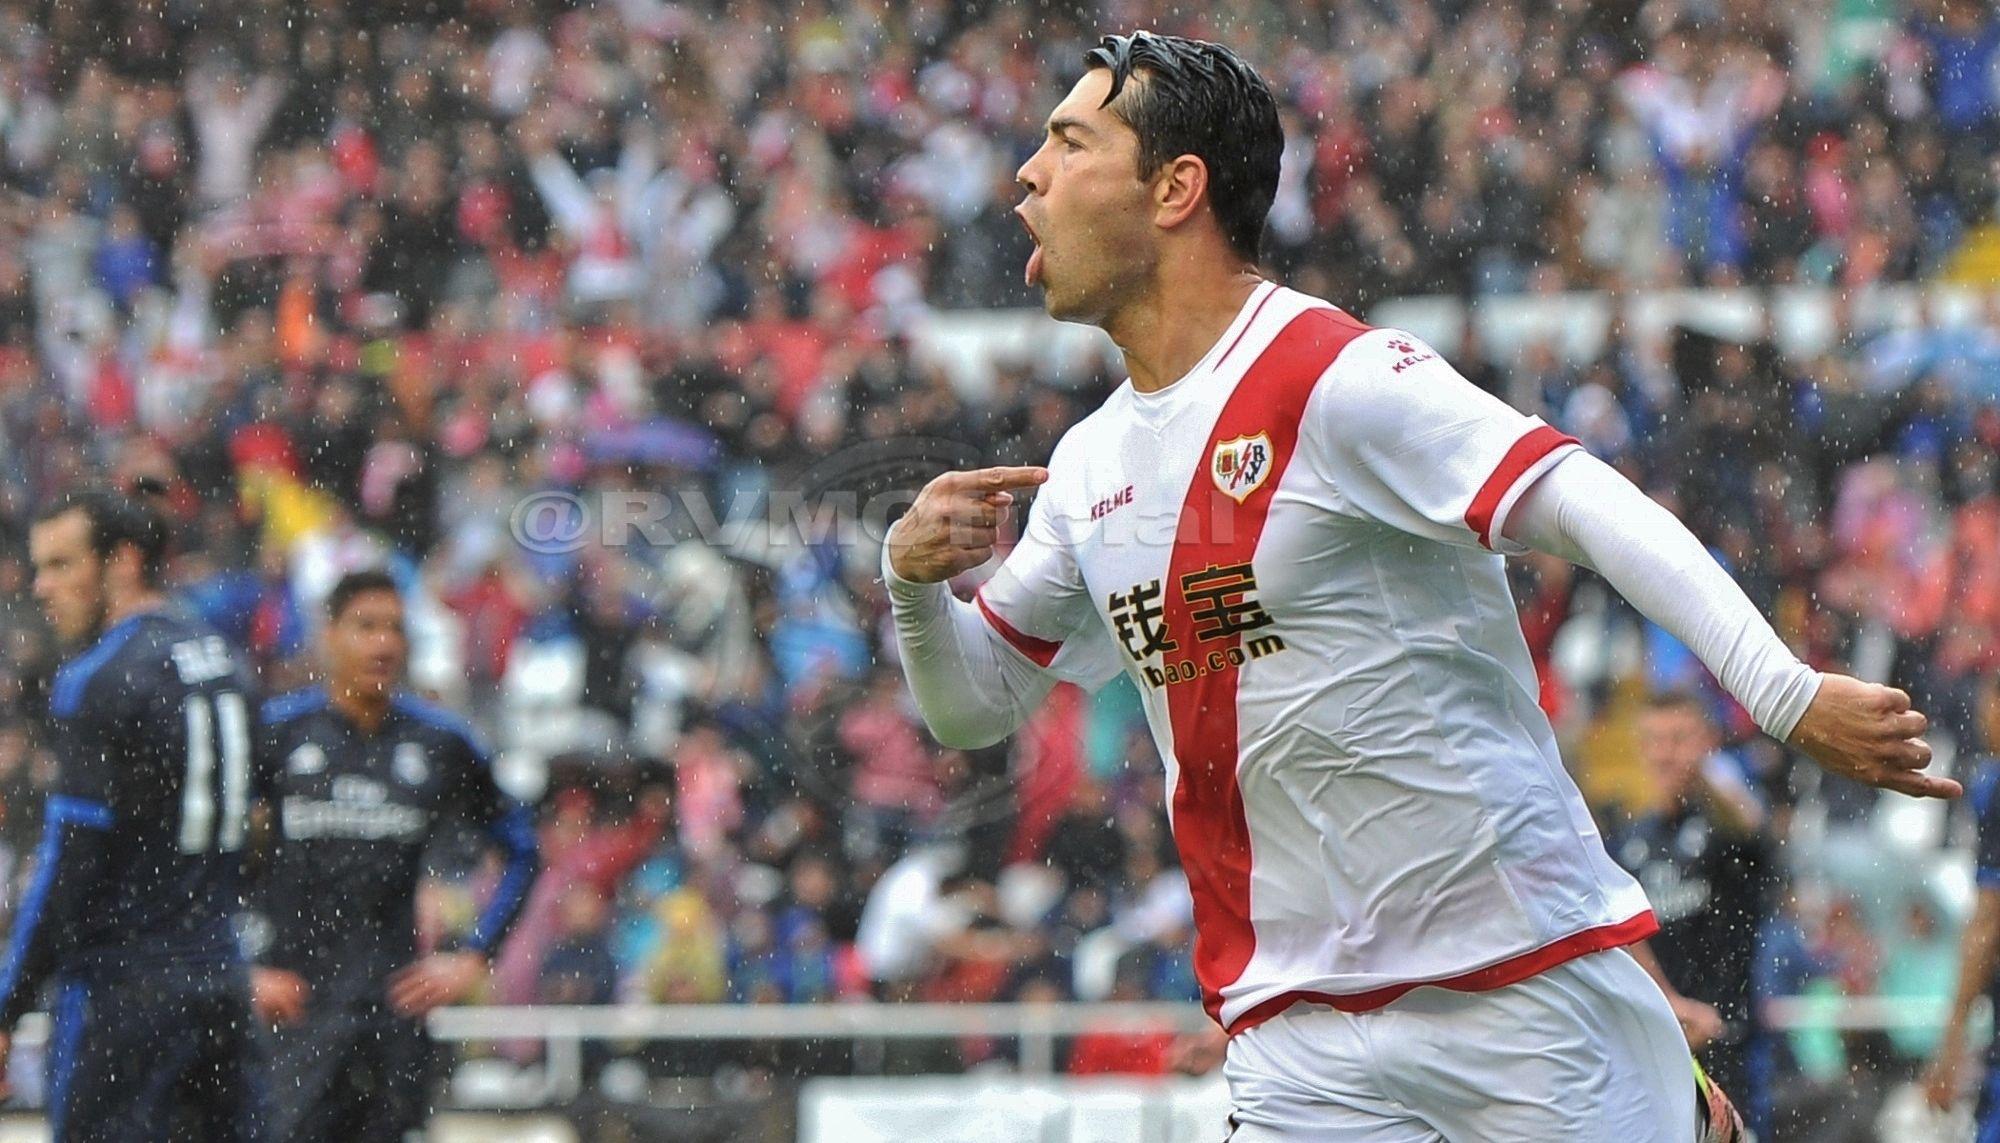 Miku celebra el 2-0 para el Rayo Vallecano